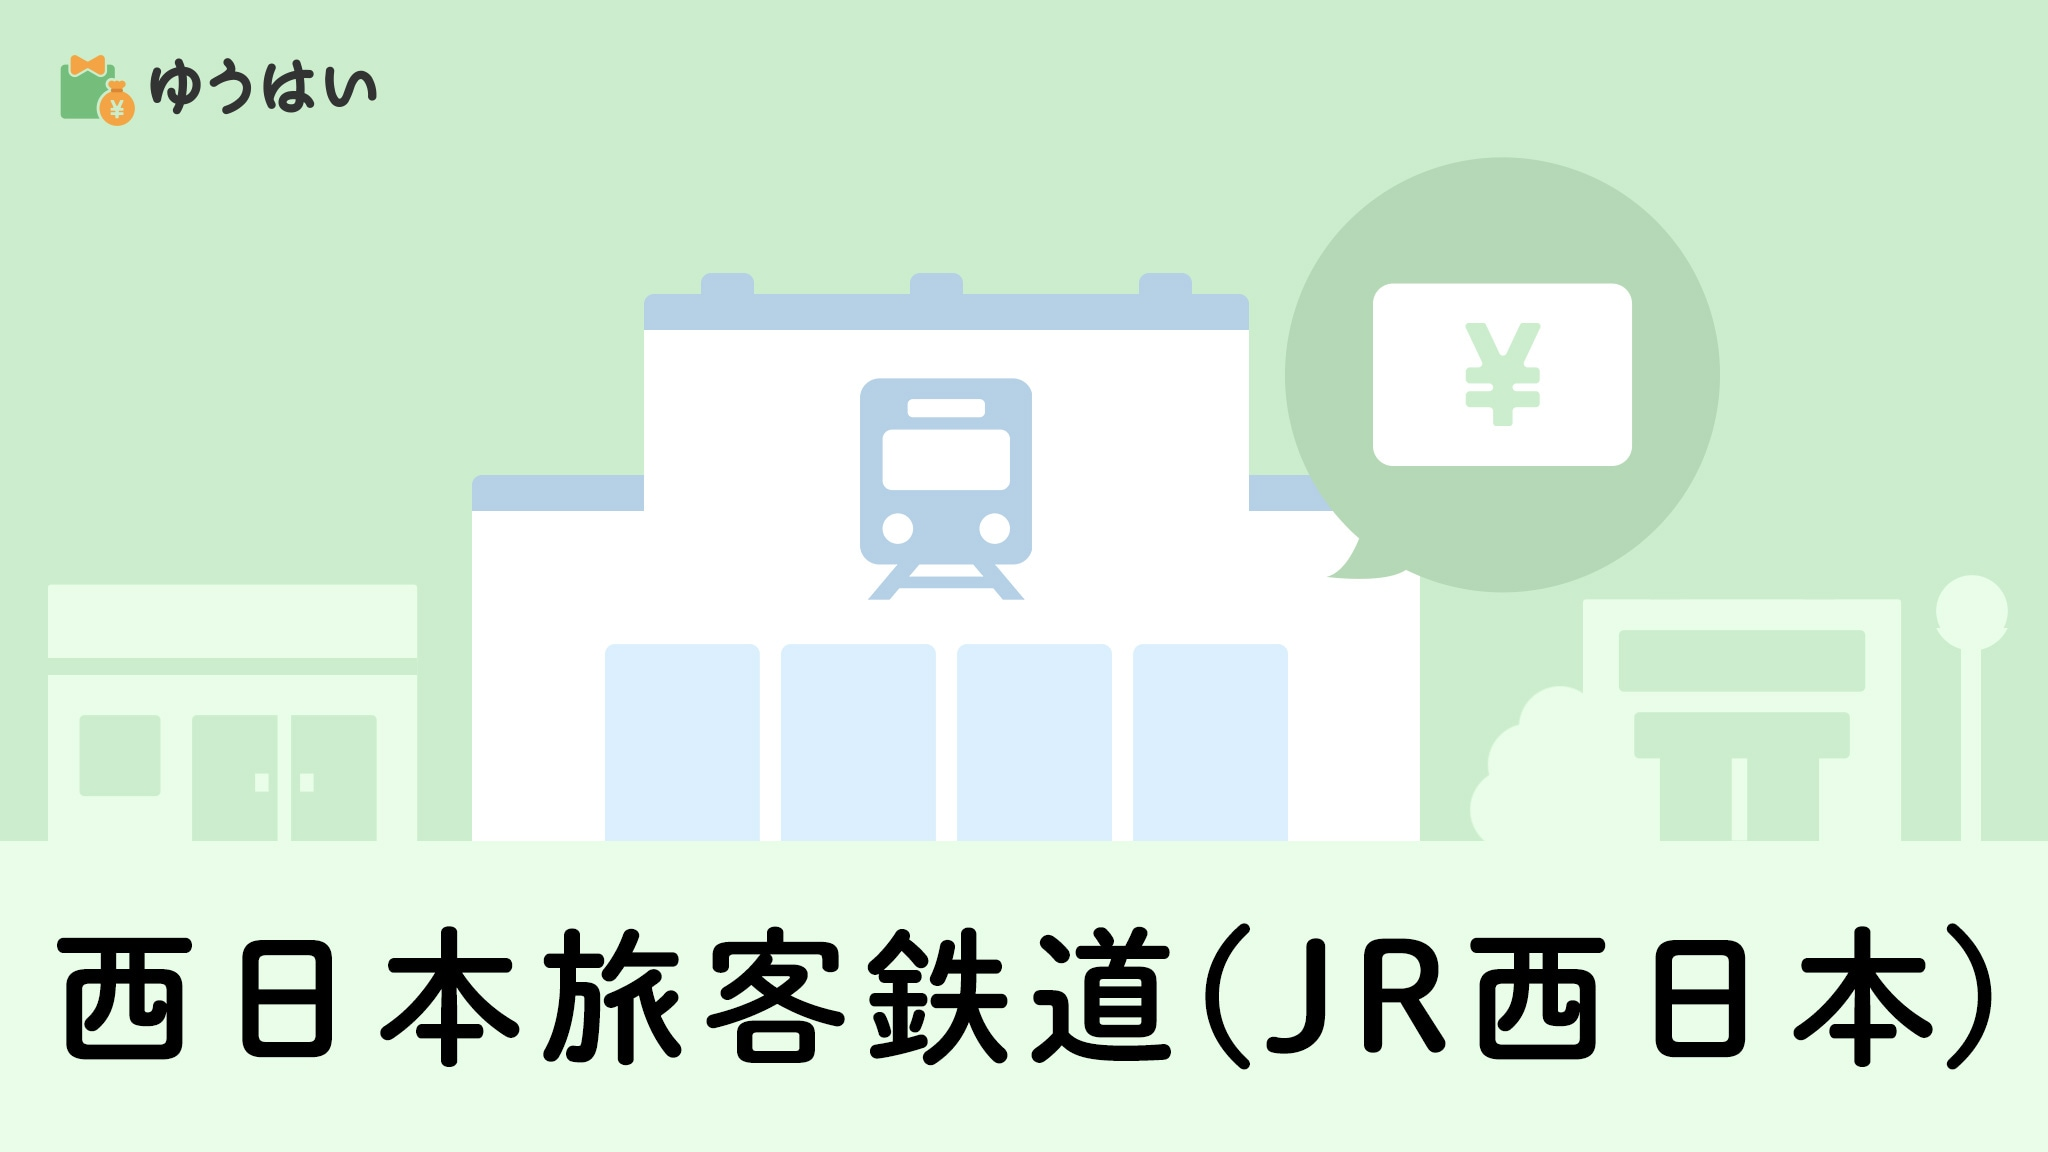 ゆうはい 西日本旅客鉄道(JR西日本)(9021)の株主優待と配当金